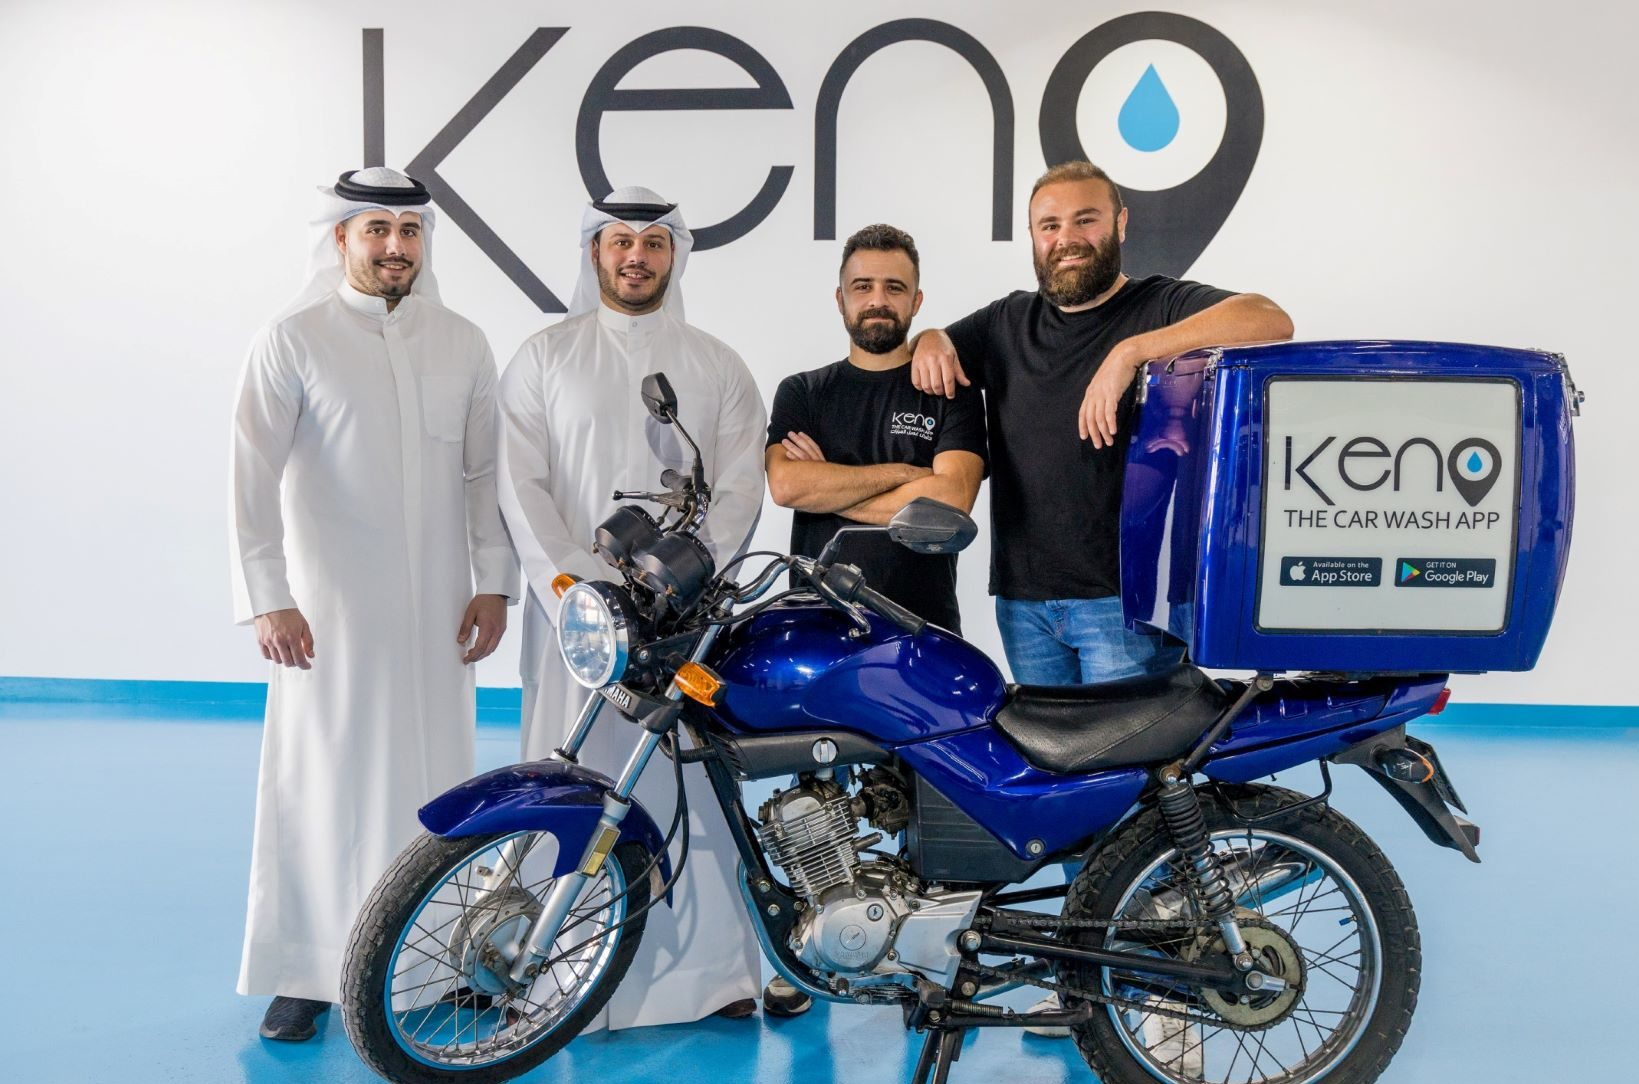 """منصة لمغاسل السيارات في الخليج تستثمر في تطبيق """"كينو"""" للعناية بالسيارات عند الطلب"""